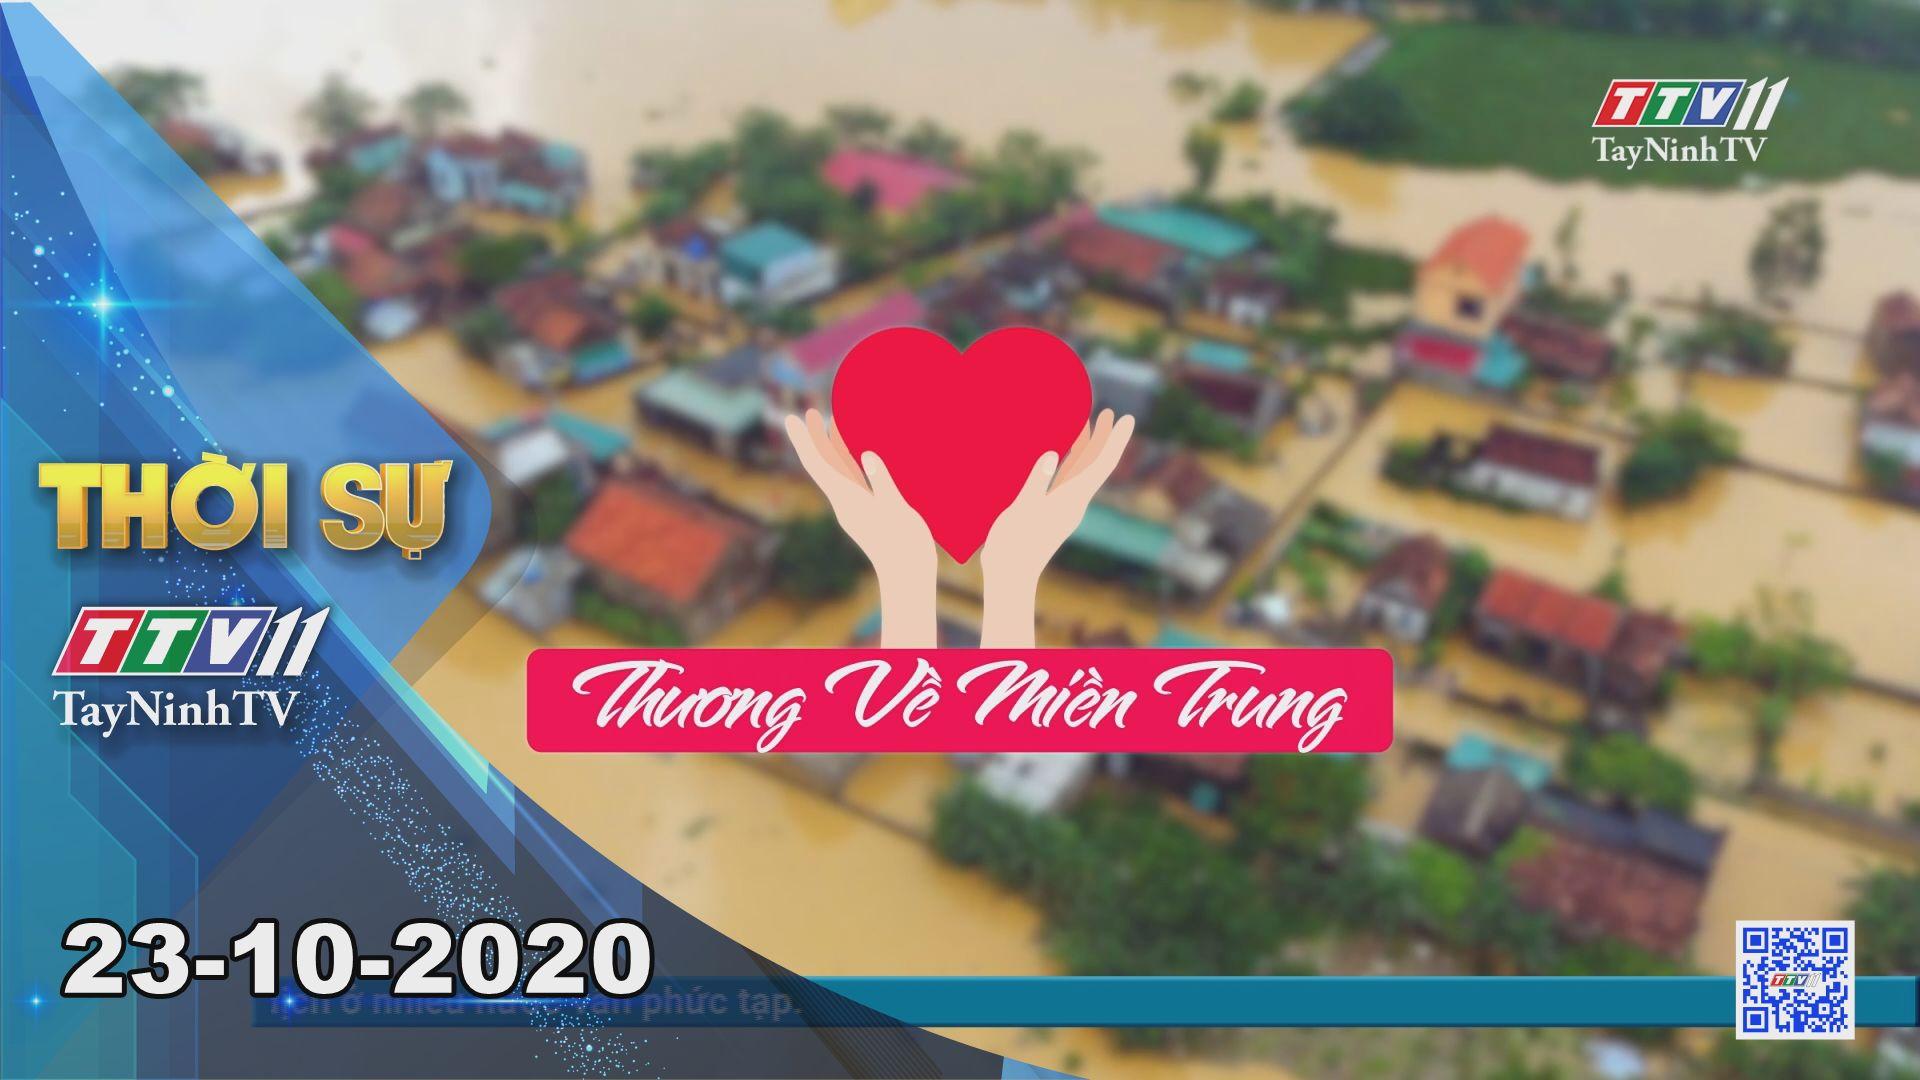 Thời sự Tây Ninh 23-10-2020 | Tin tức hôm nay | TayNinhTV